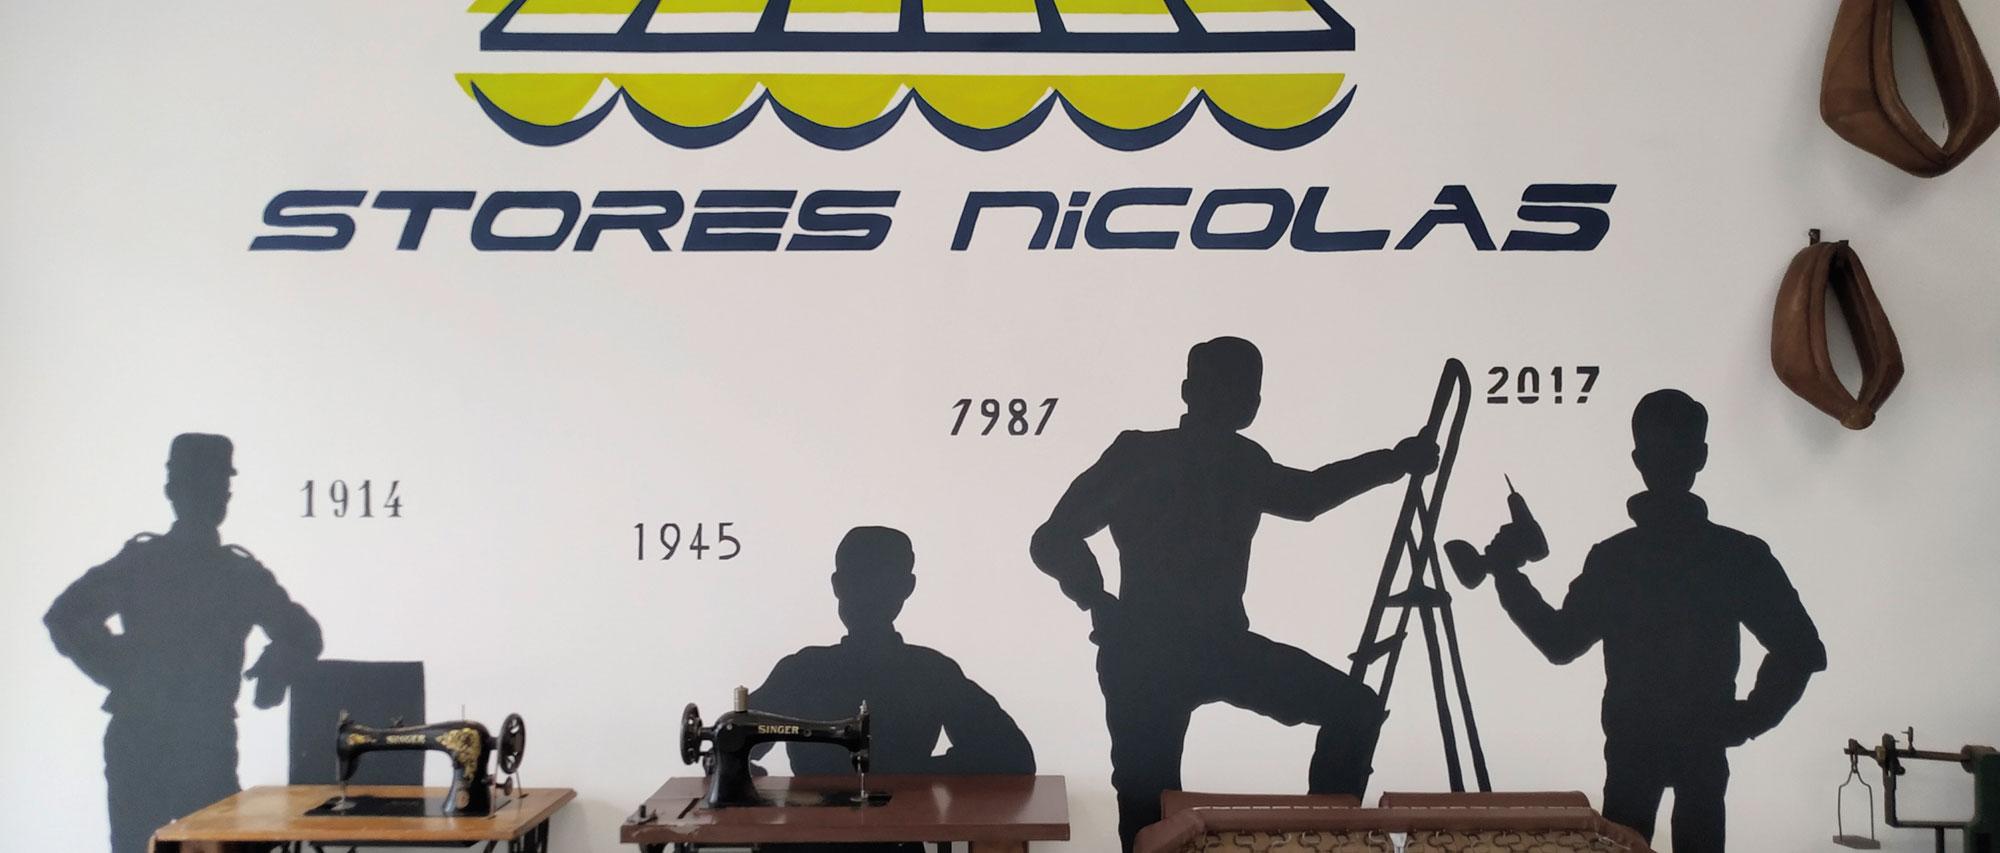 Historique Stores Nicolas